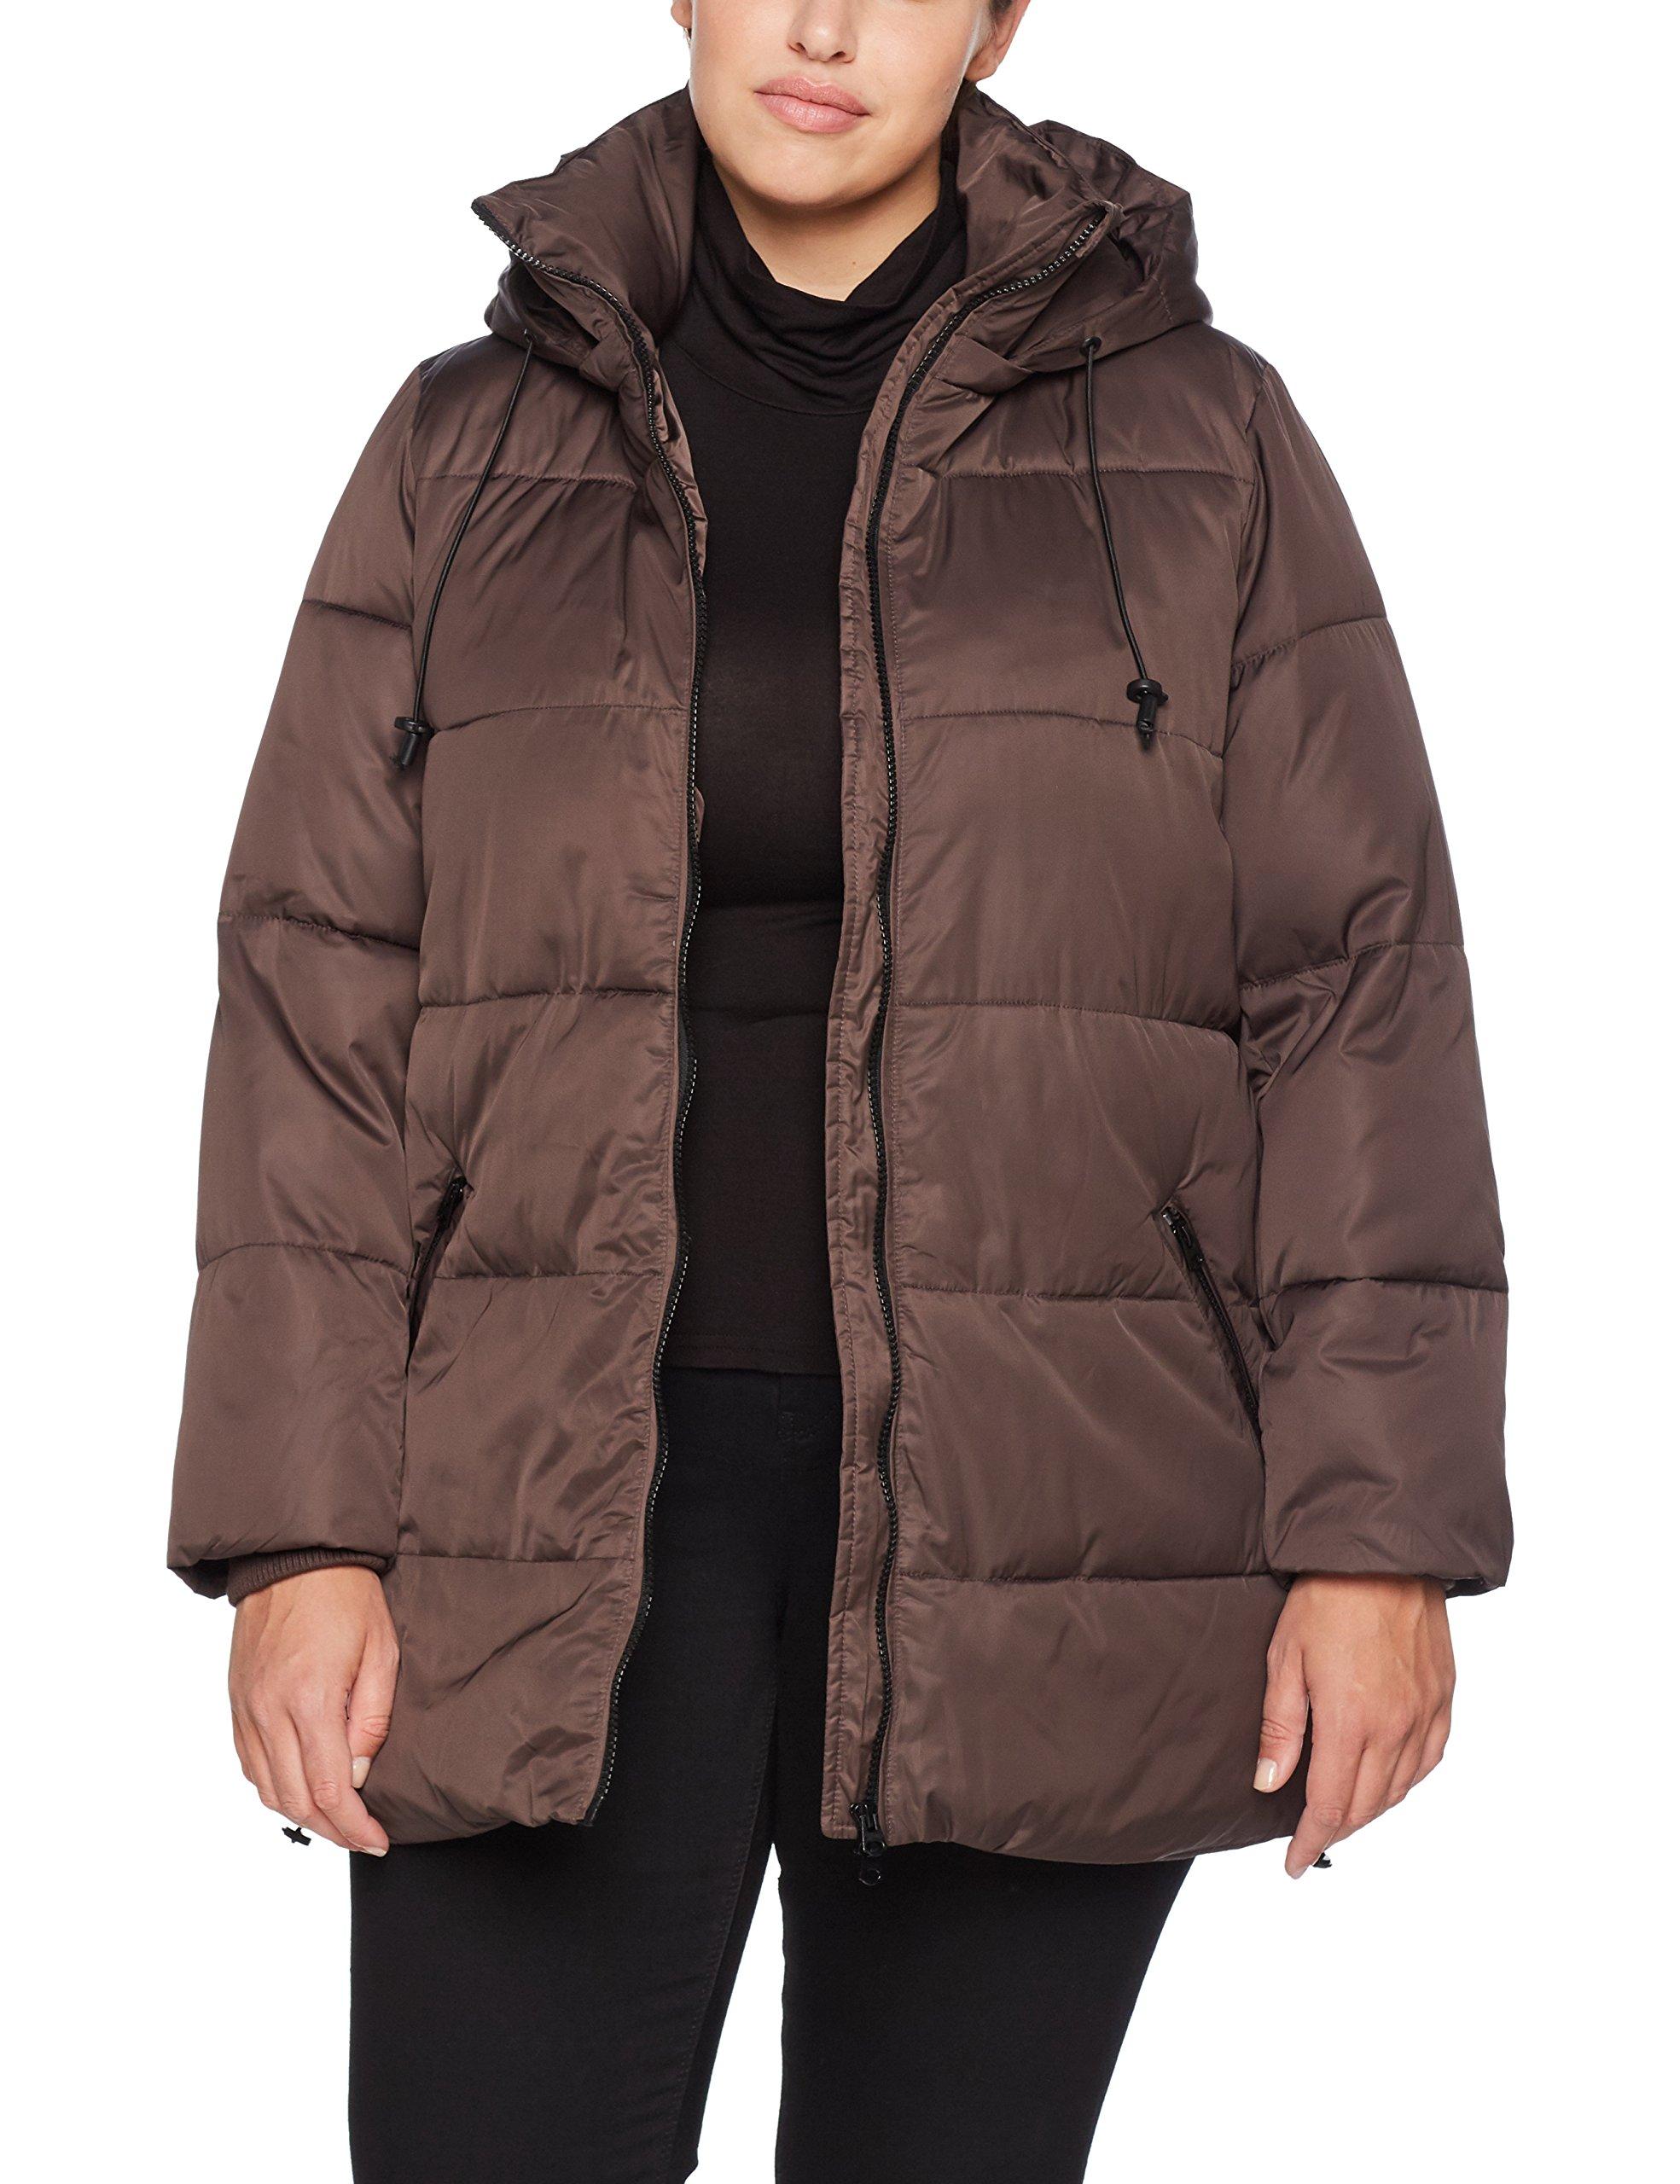 Ulla Popken Große Größen Damen Jacke Steppjacke mit Kapuze Braun (Beige 35), 48 (Herstellergröße: 46+)